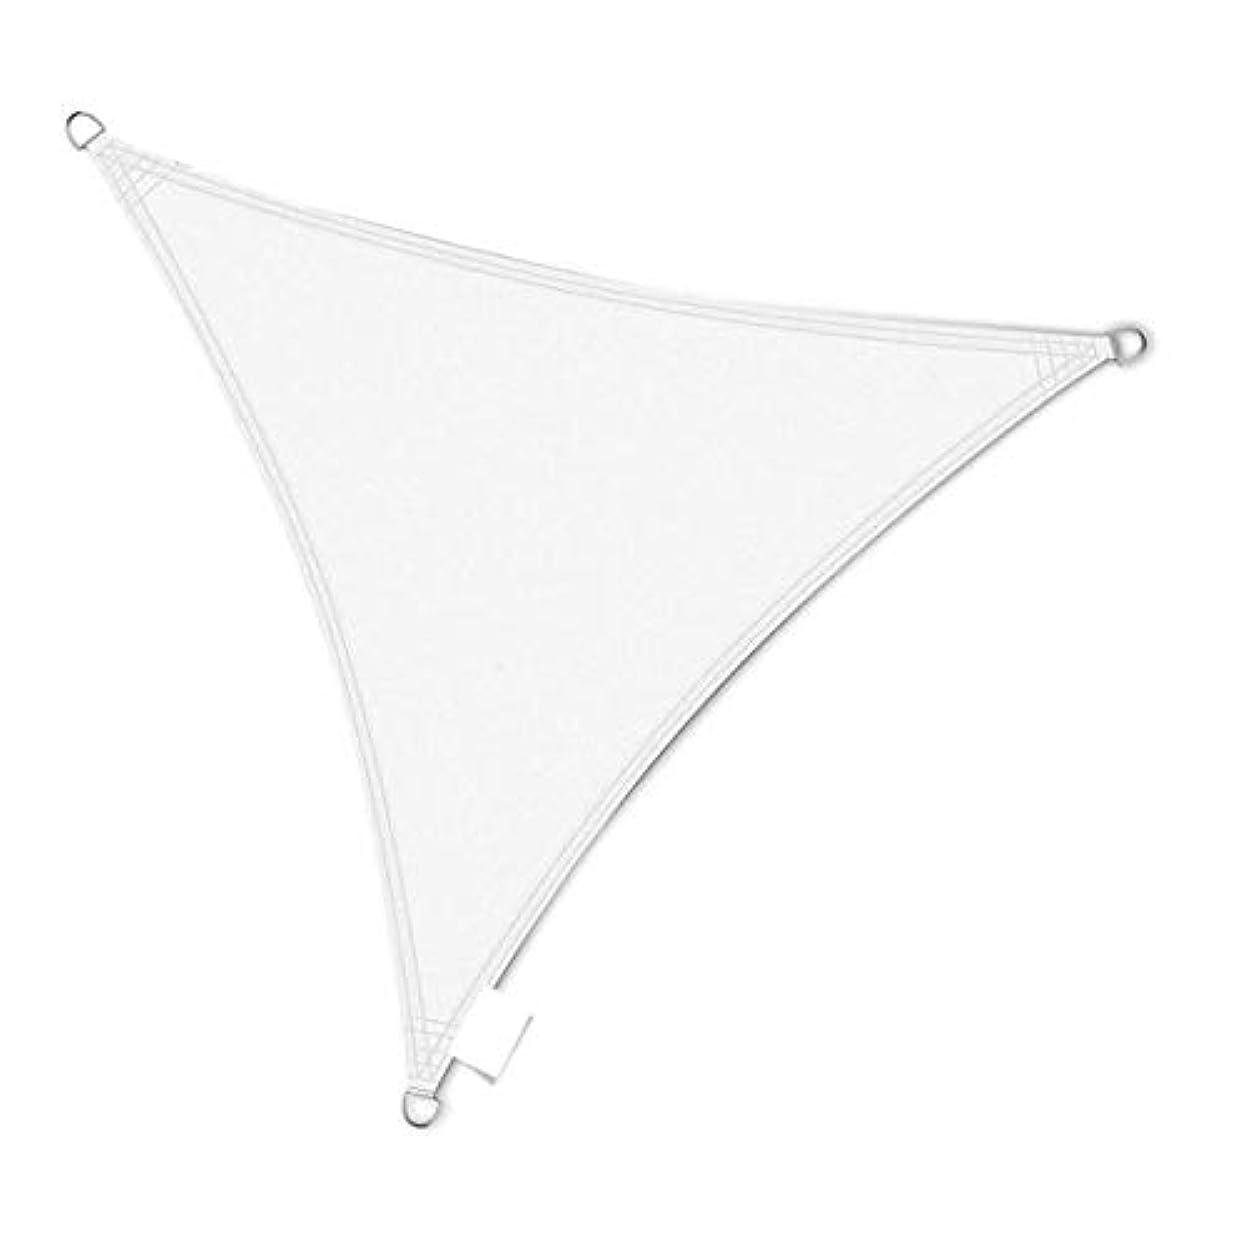 肺枯渇シャッフル防風トライアングルサンシェードセイル、防水薄型95%遮光率、UVブロックオックスフォードポリエステル布パティオ屋外バーベキューエリアパーティー3×3×3m ホワイトガーデンオーニング,White,2×2×2m